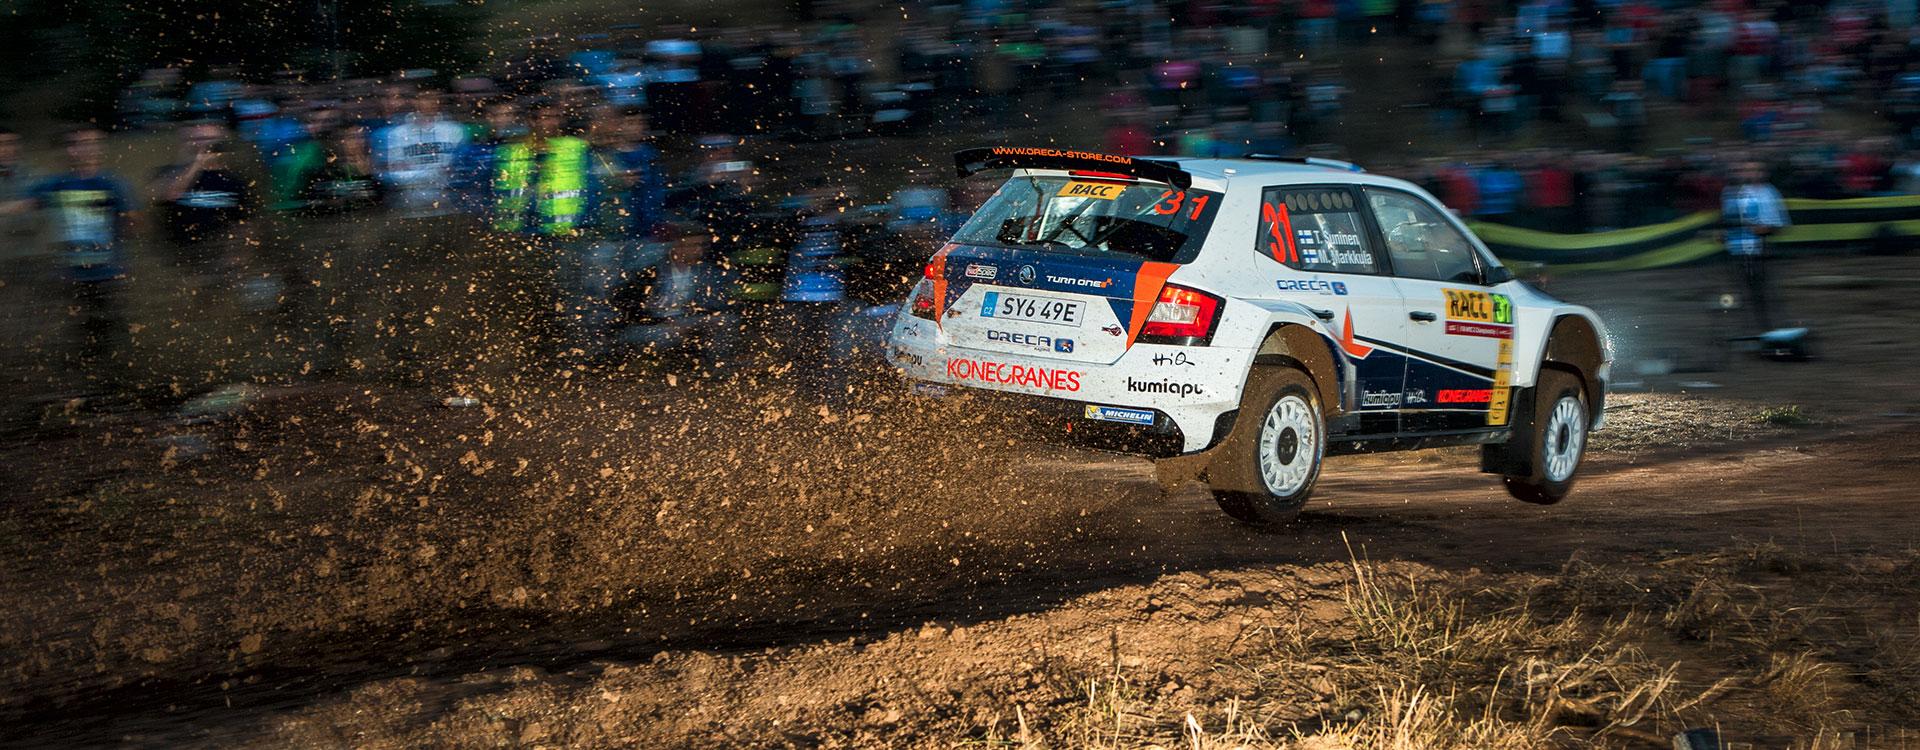 PHOTO: ŠKODA Customer Teams at the RallyRACC Catalunya – Costa Daurada 2016